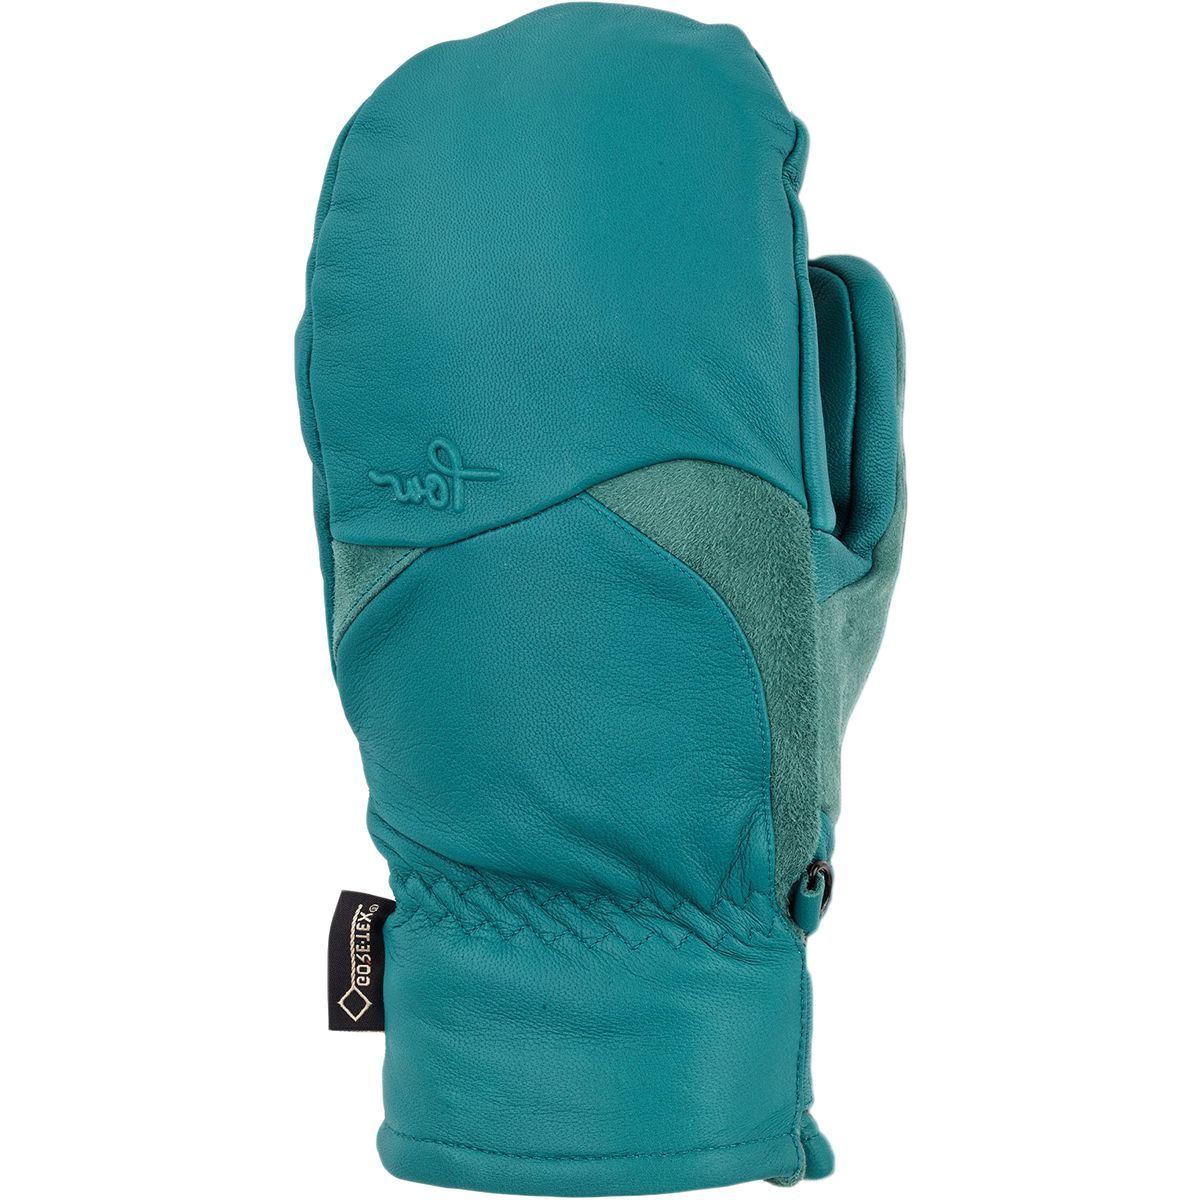 Pow Gloves Stealth GTX Mitten Plus WARM - Women's